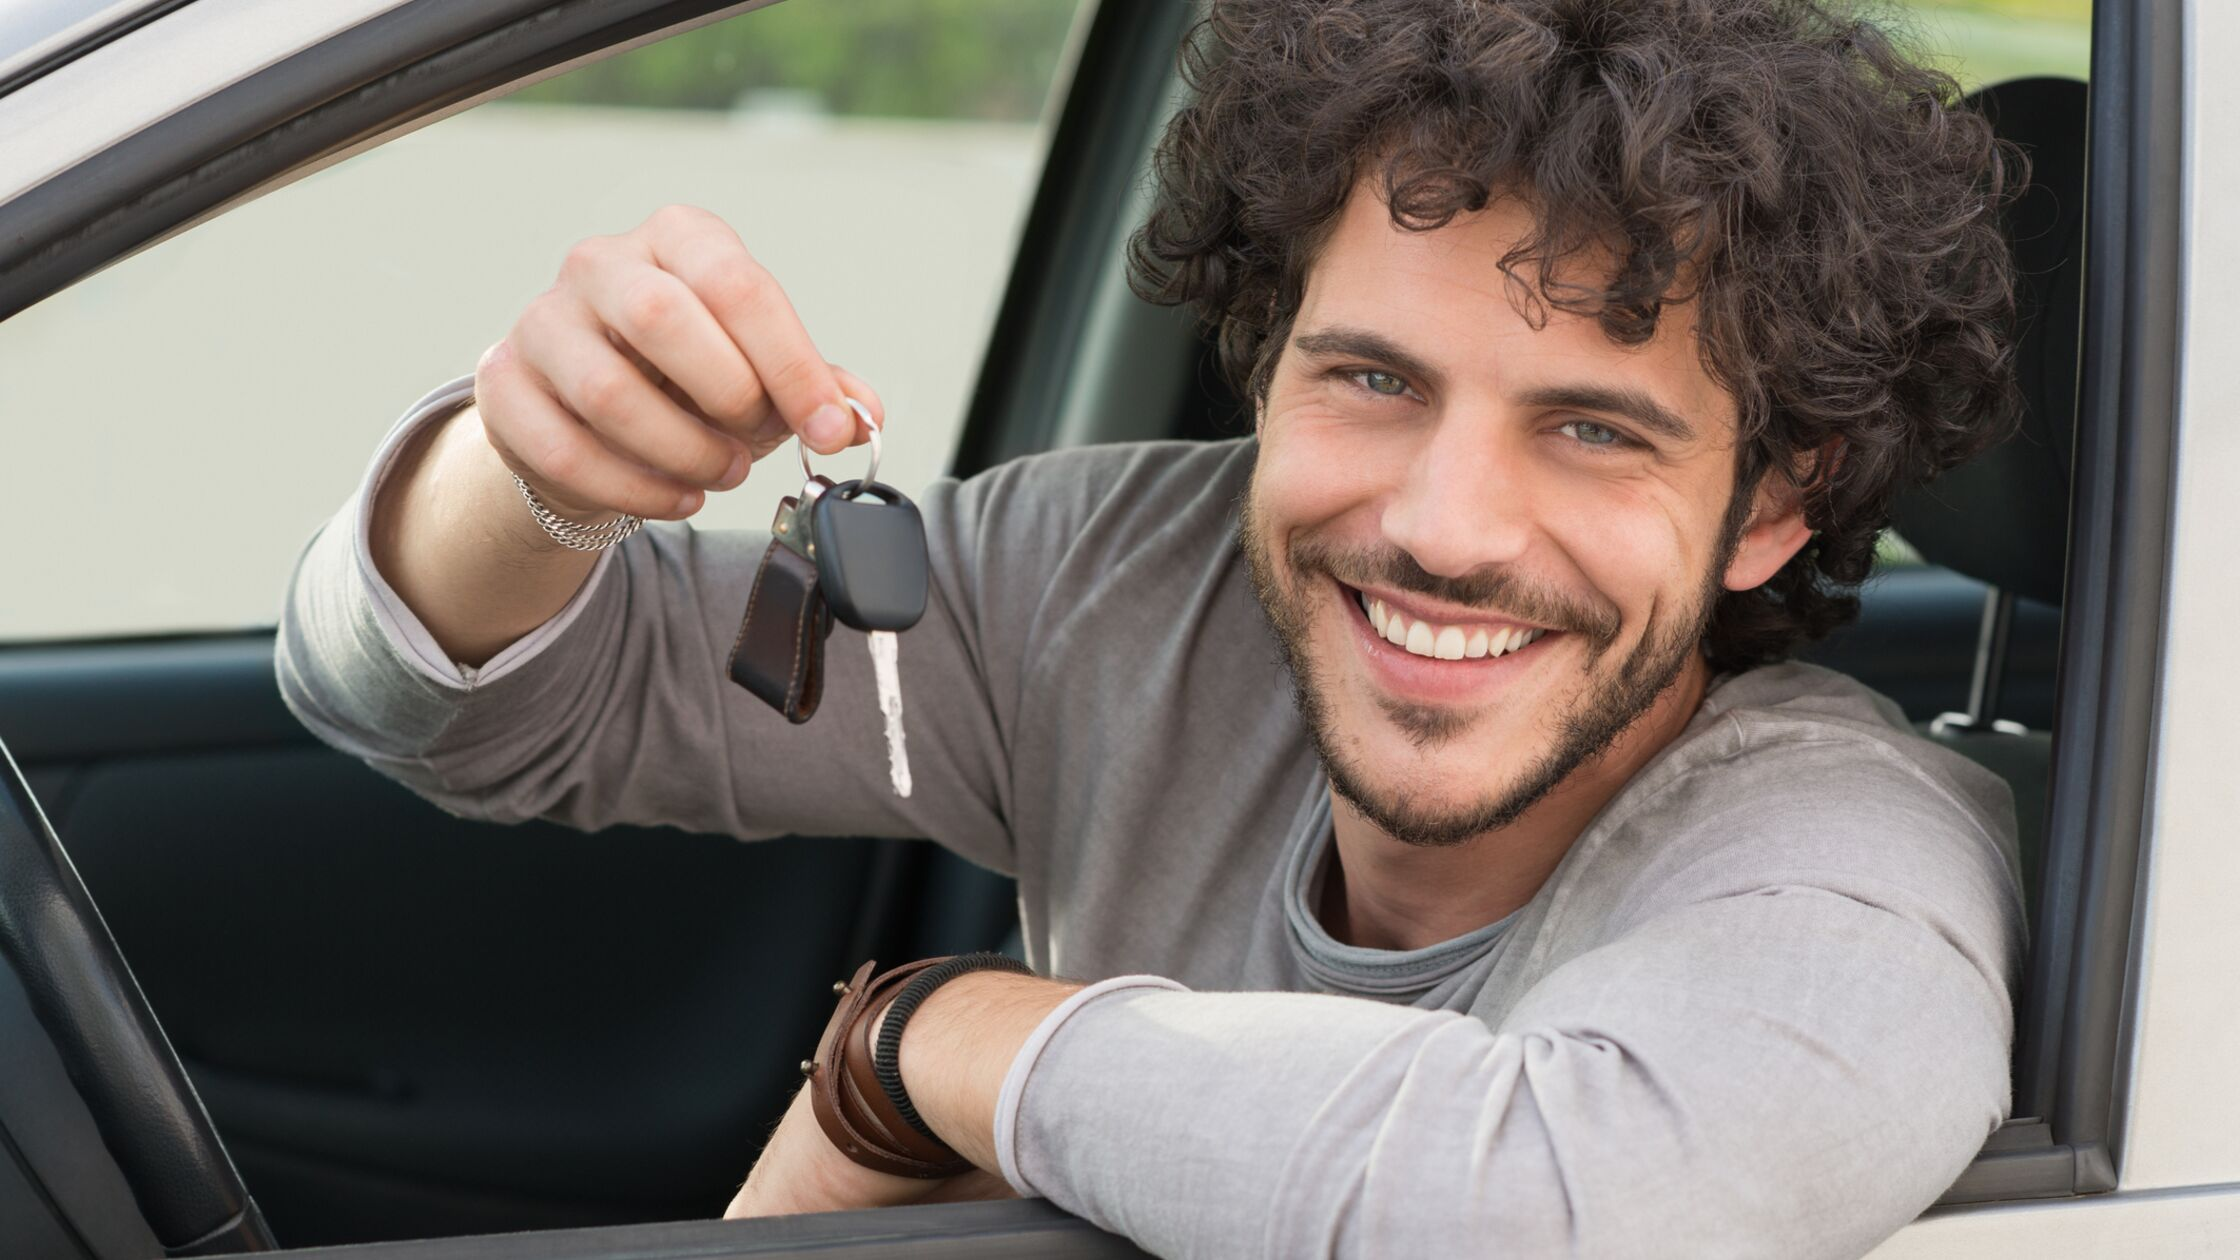 Mann sitzt hinter dem Lenkrad eines Autos und hält Autoschlüssel aus dem Fenster